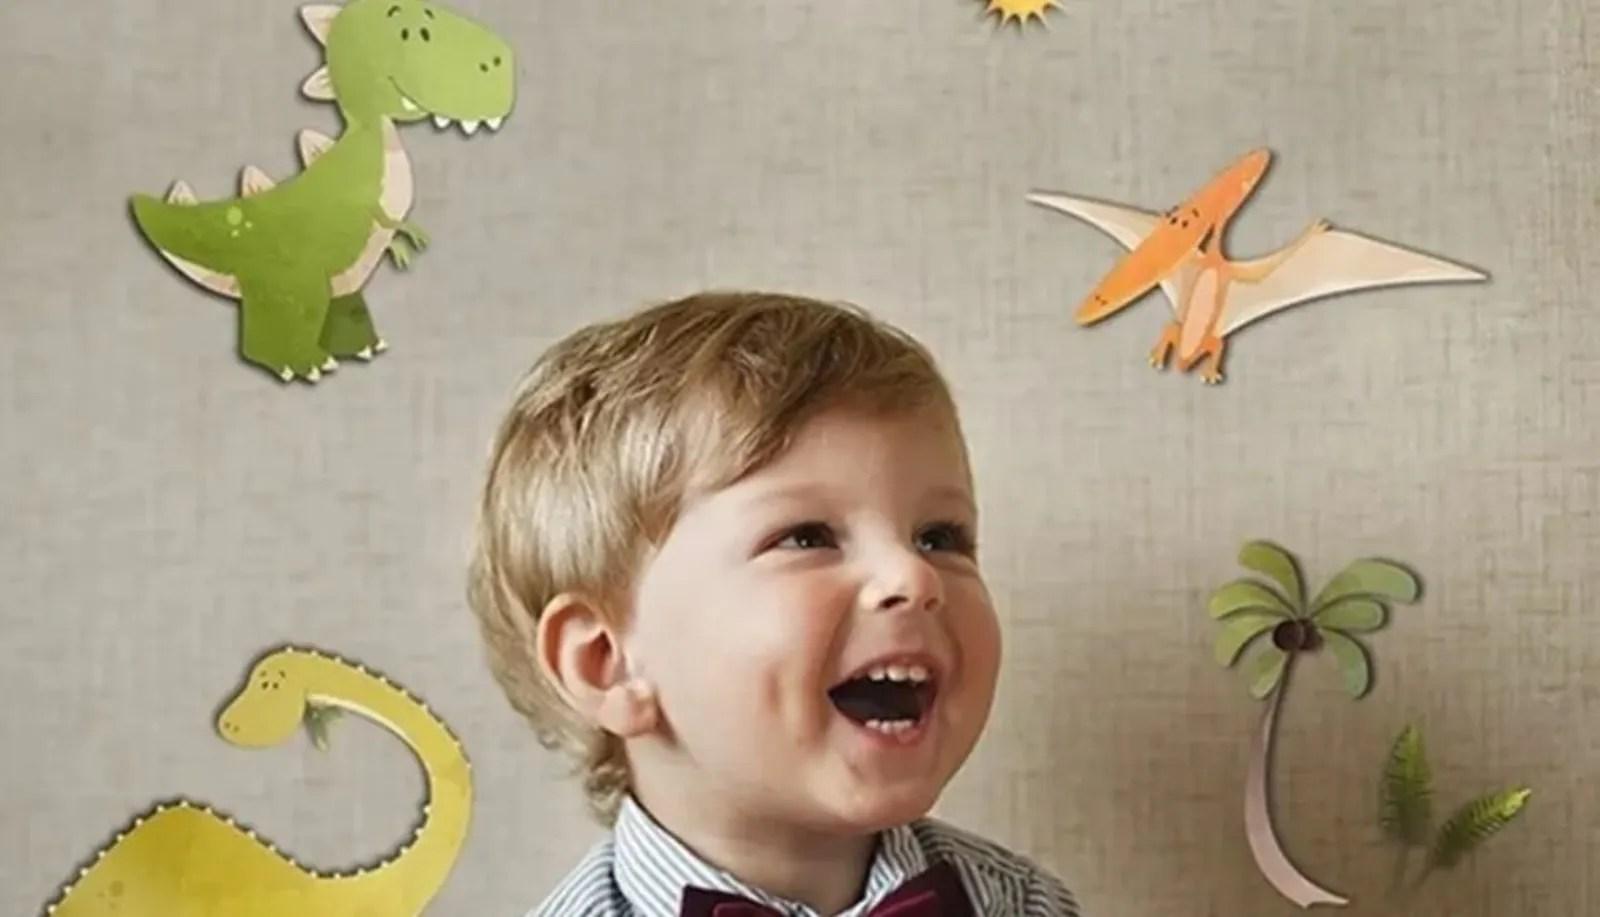 Decalmile adesivi murali bambini animali della giungla albero adesivi da. Cambiamo Faccia Alle Pareti Della Cameretta Con Gli Adesivi Murali